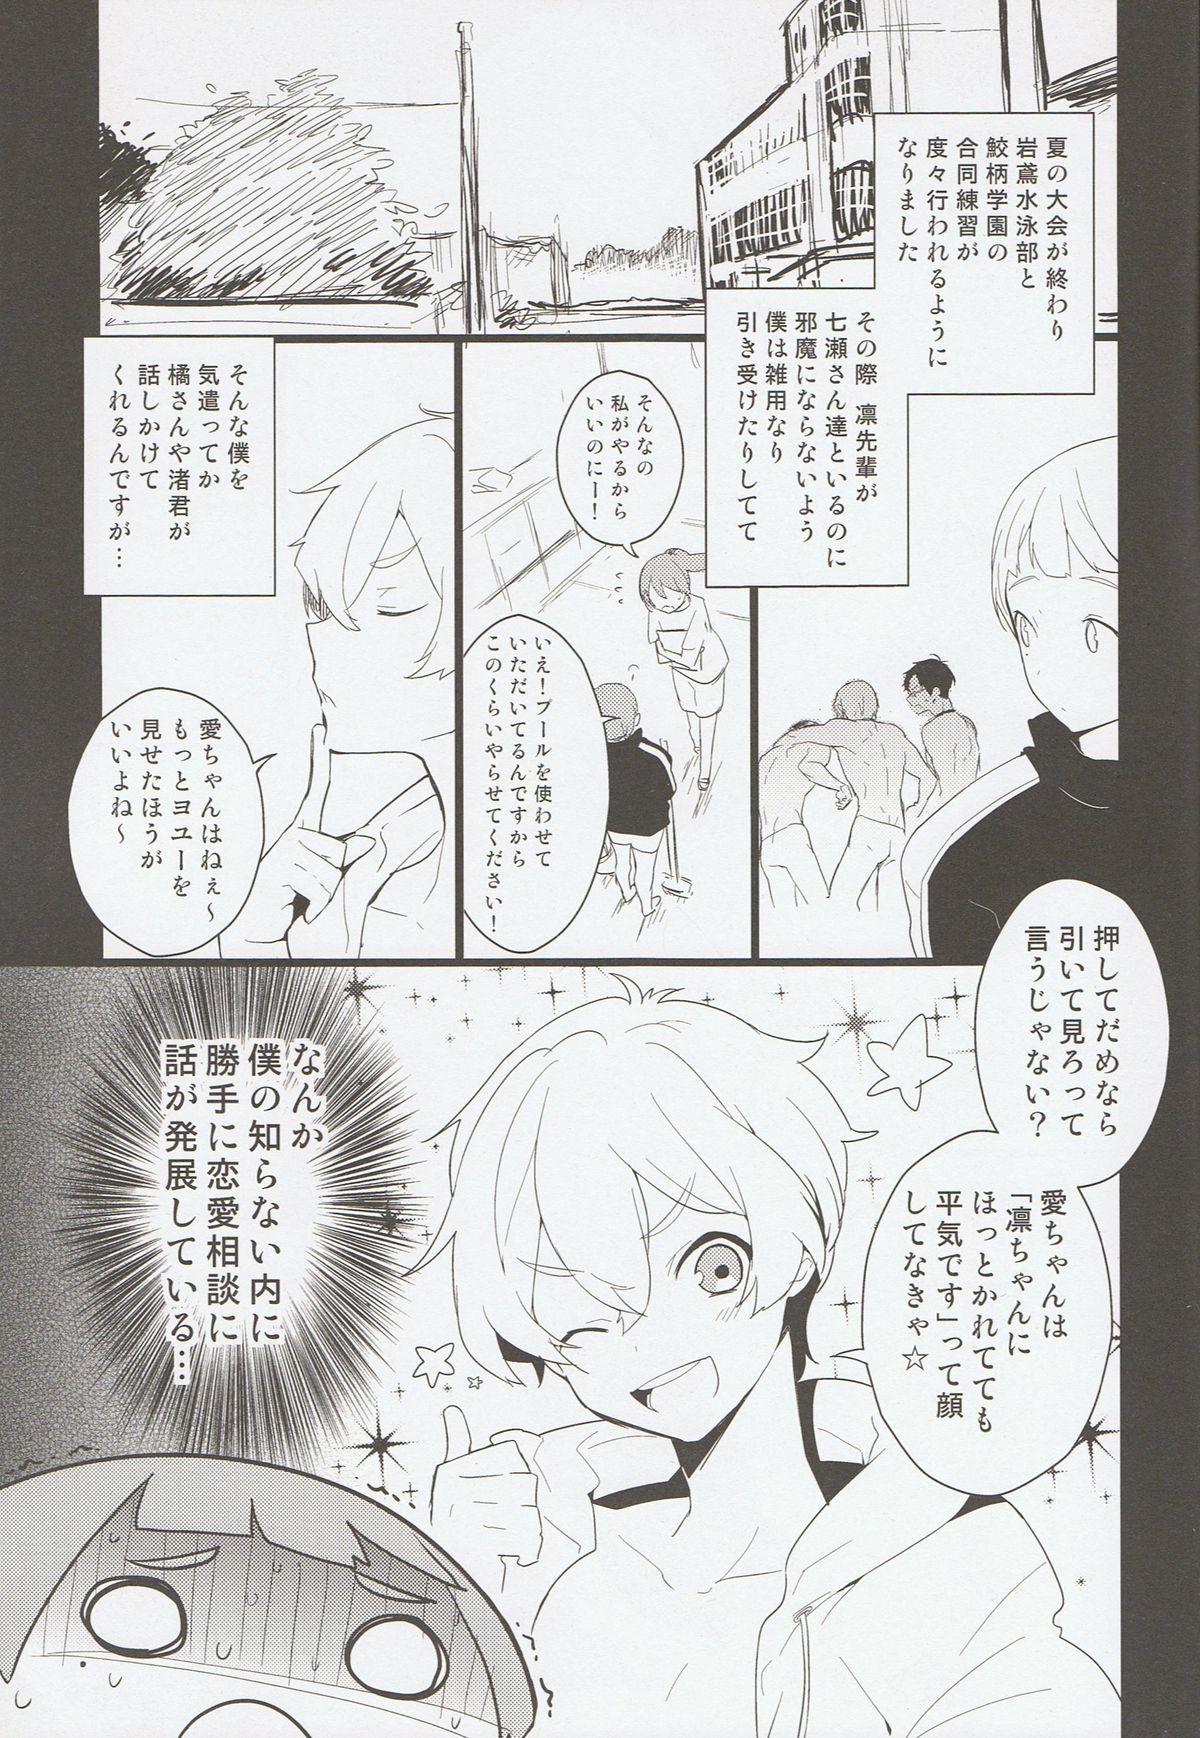 (C86) [MERYx3 (Numeri)] Nagisa-kun to Nitori-kun wo Muriyari Karamaseta Hon (Free!) 3